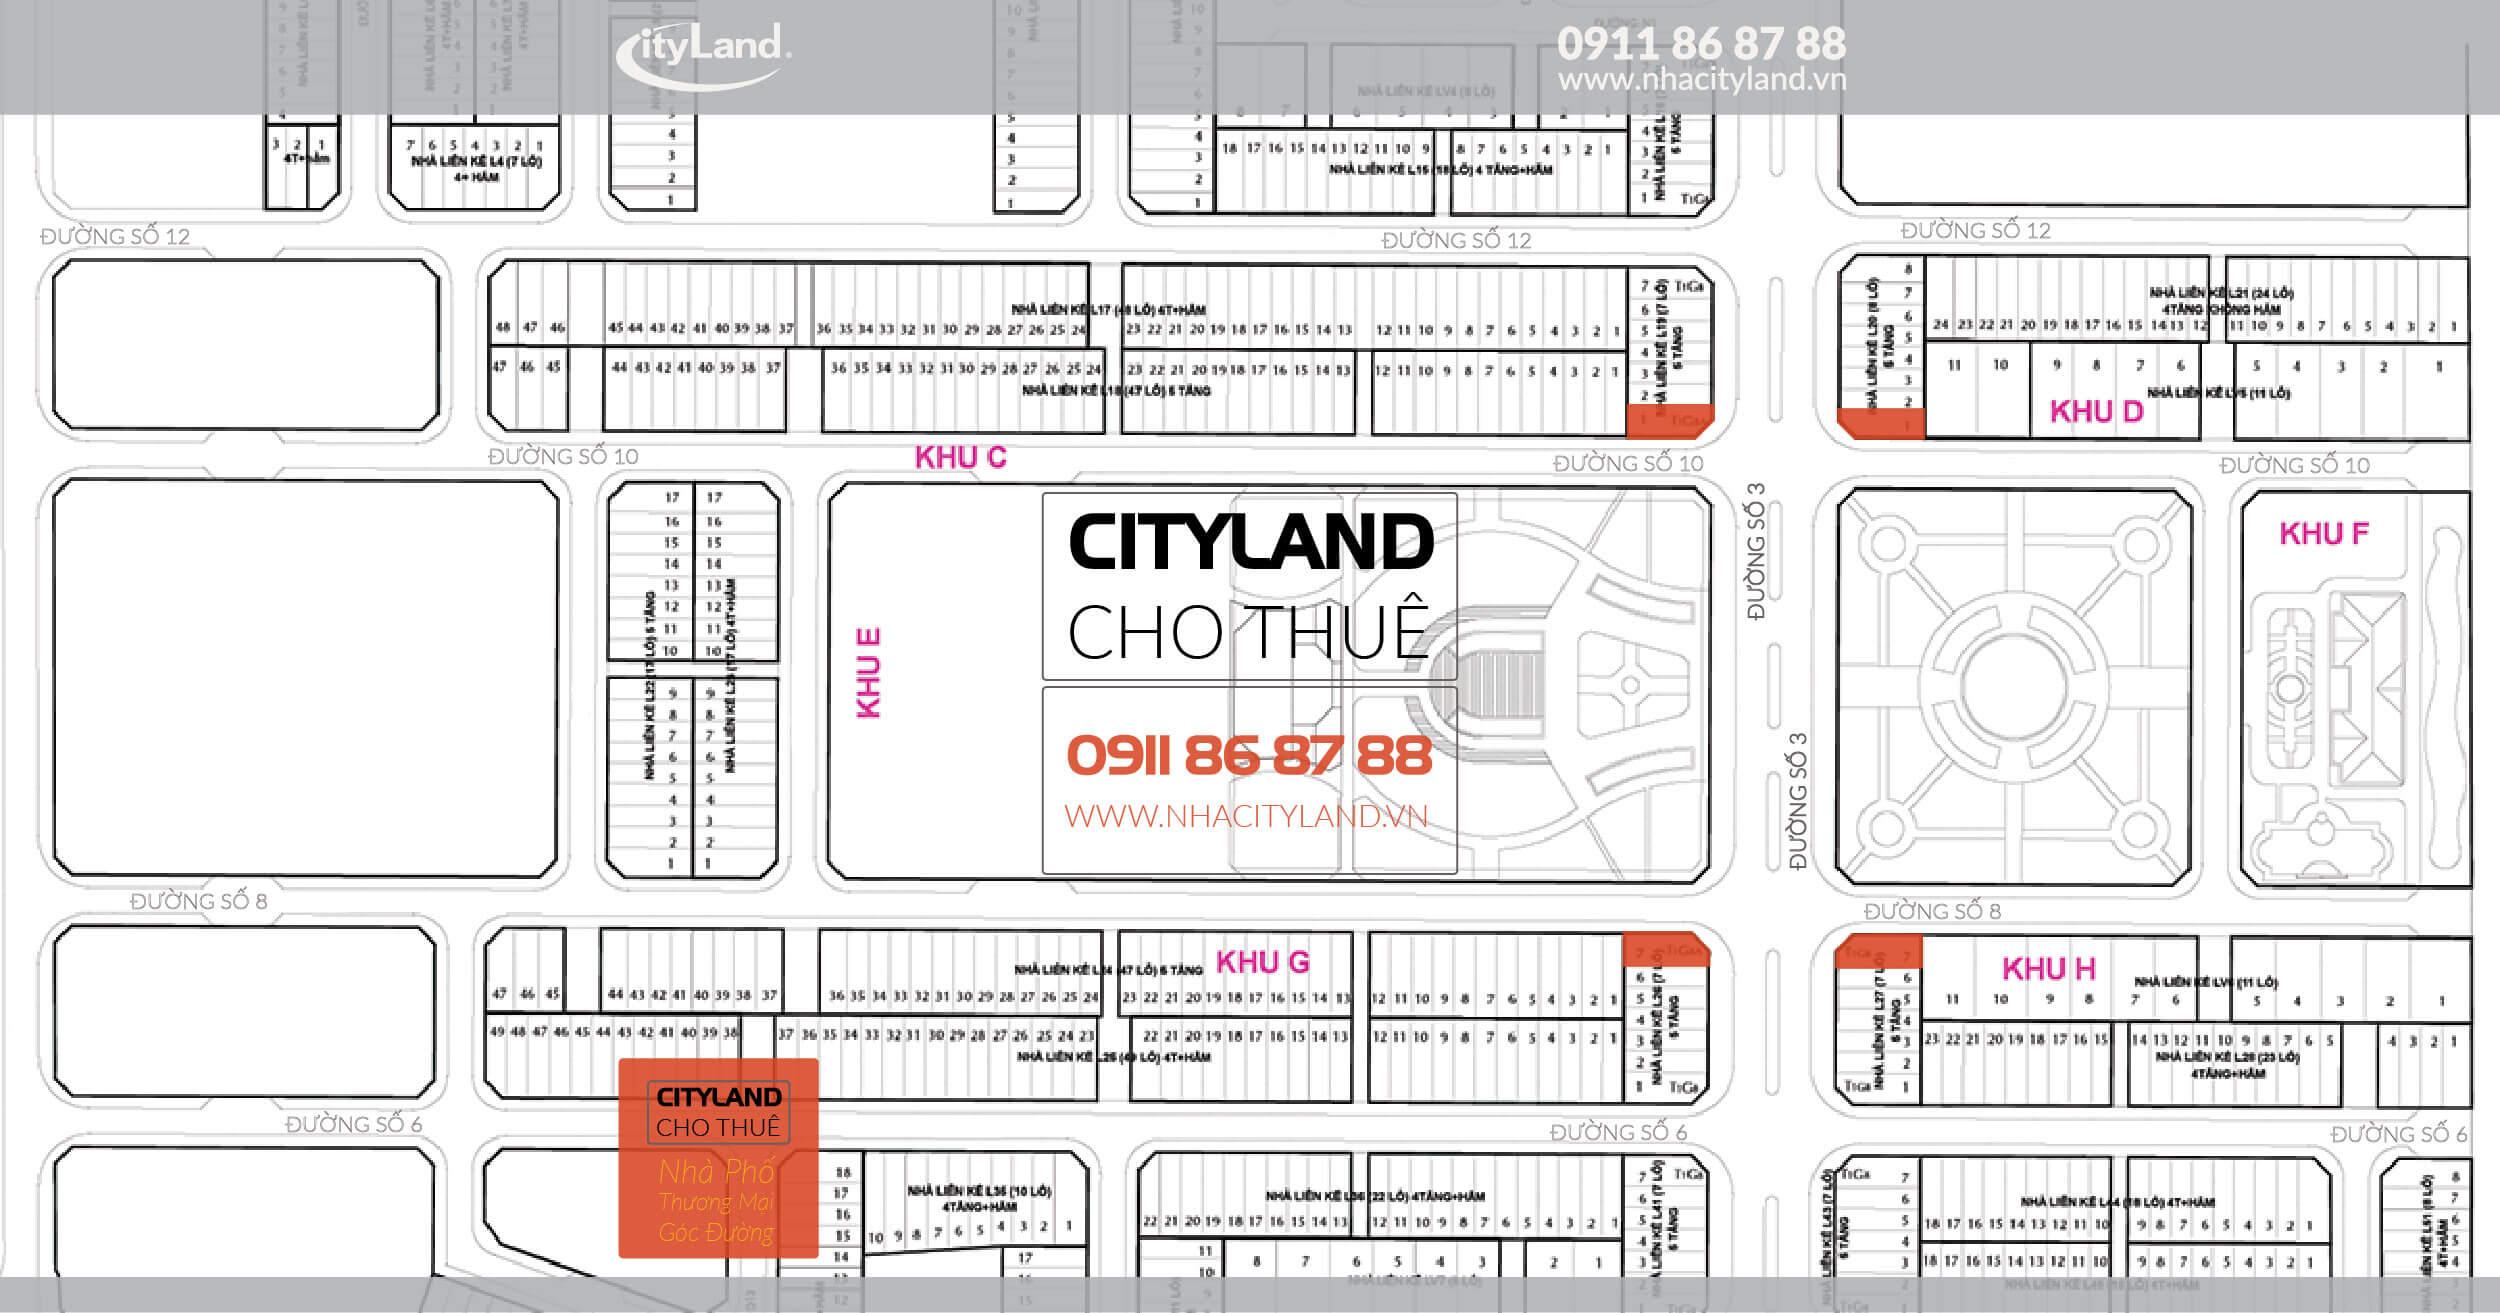 Cho thuê Nhà phố CityLand Góc đường số 3 và công viên trung tâm